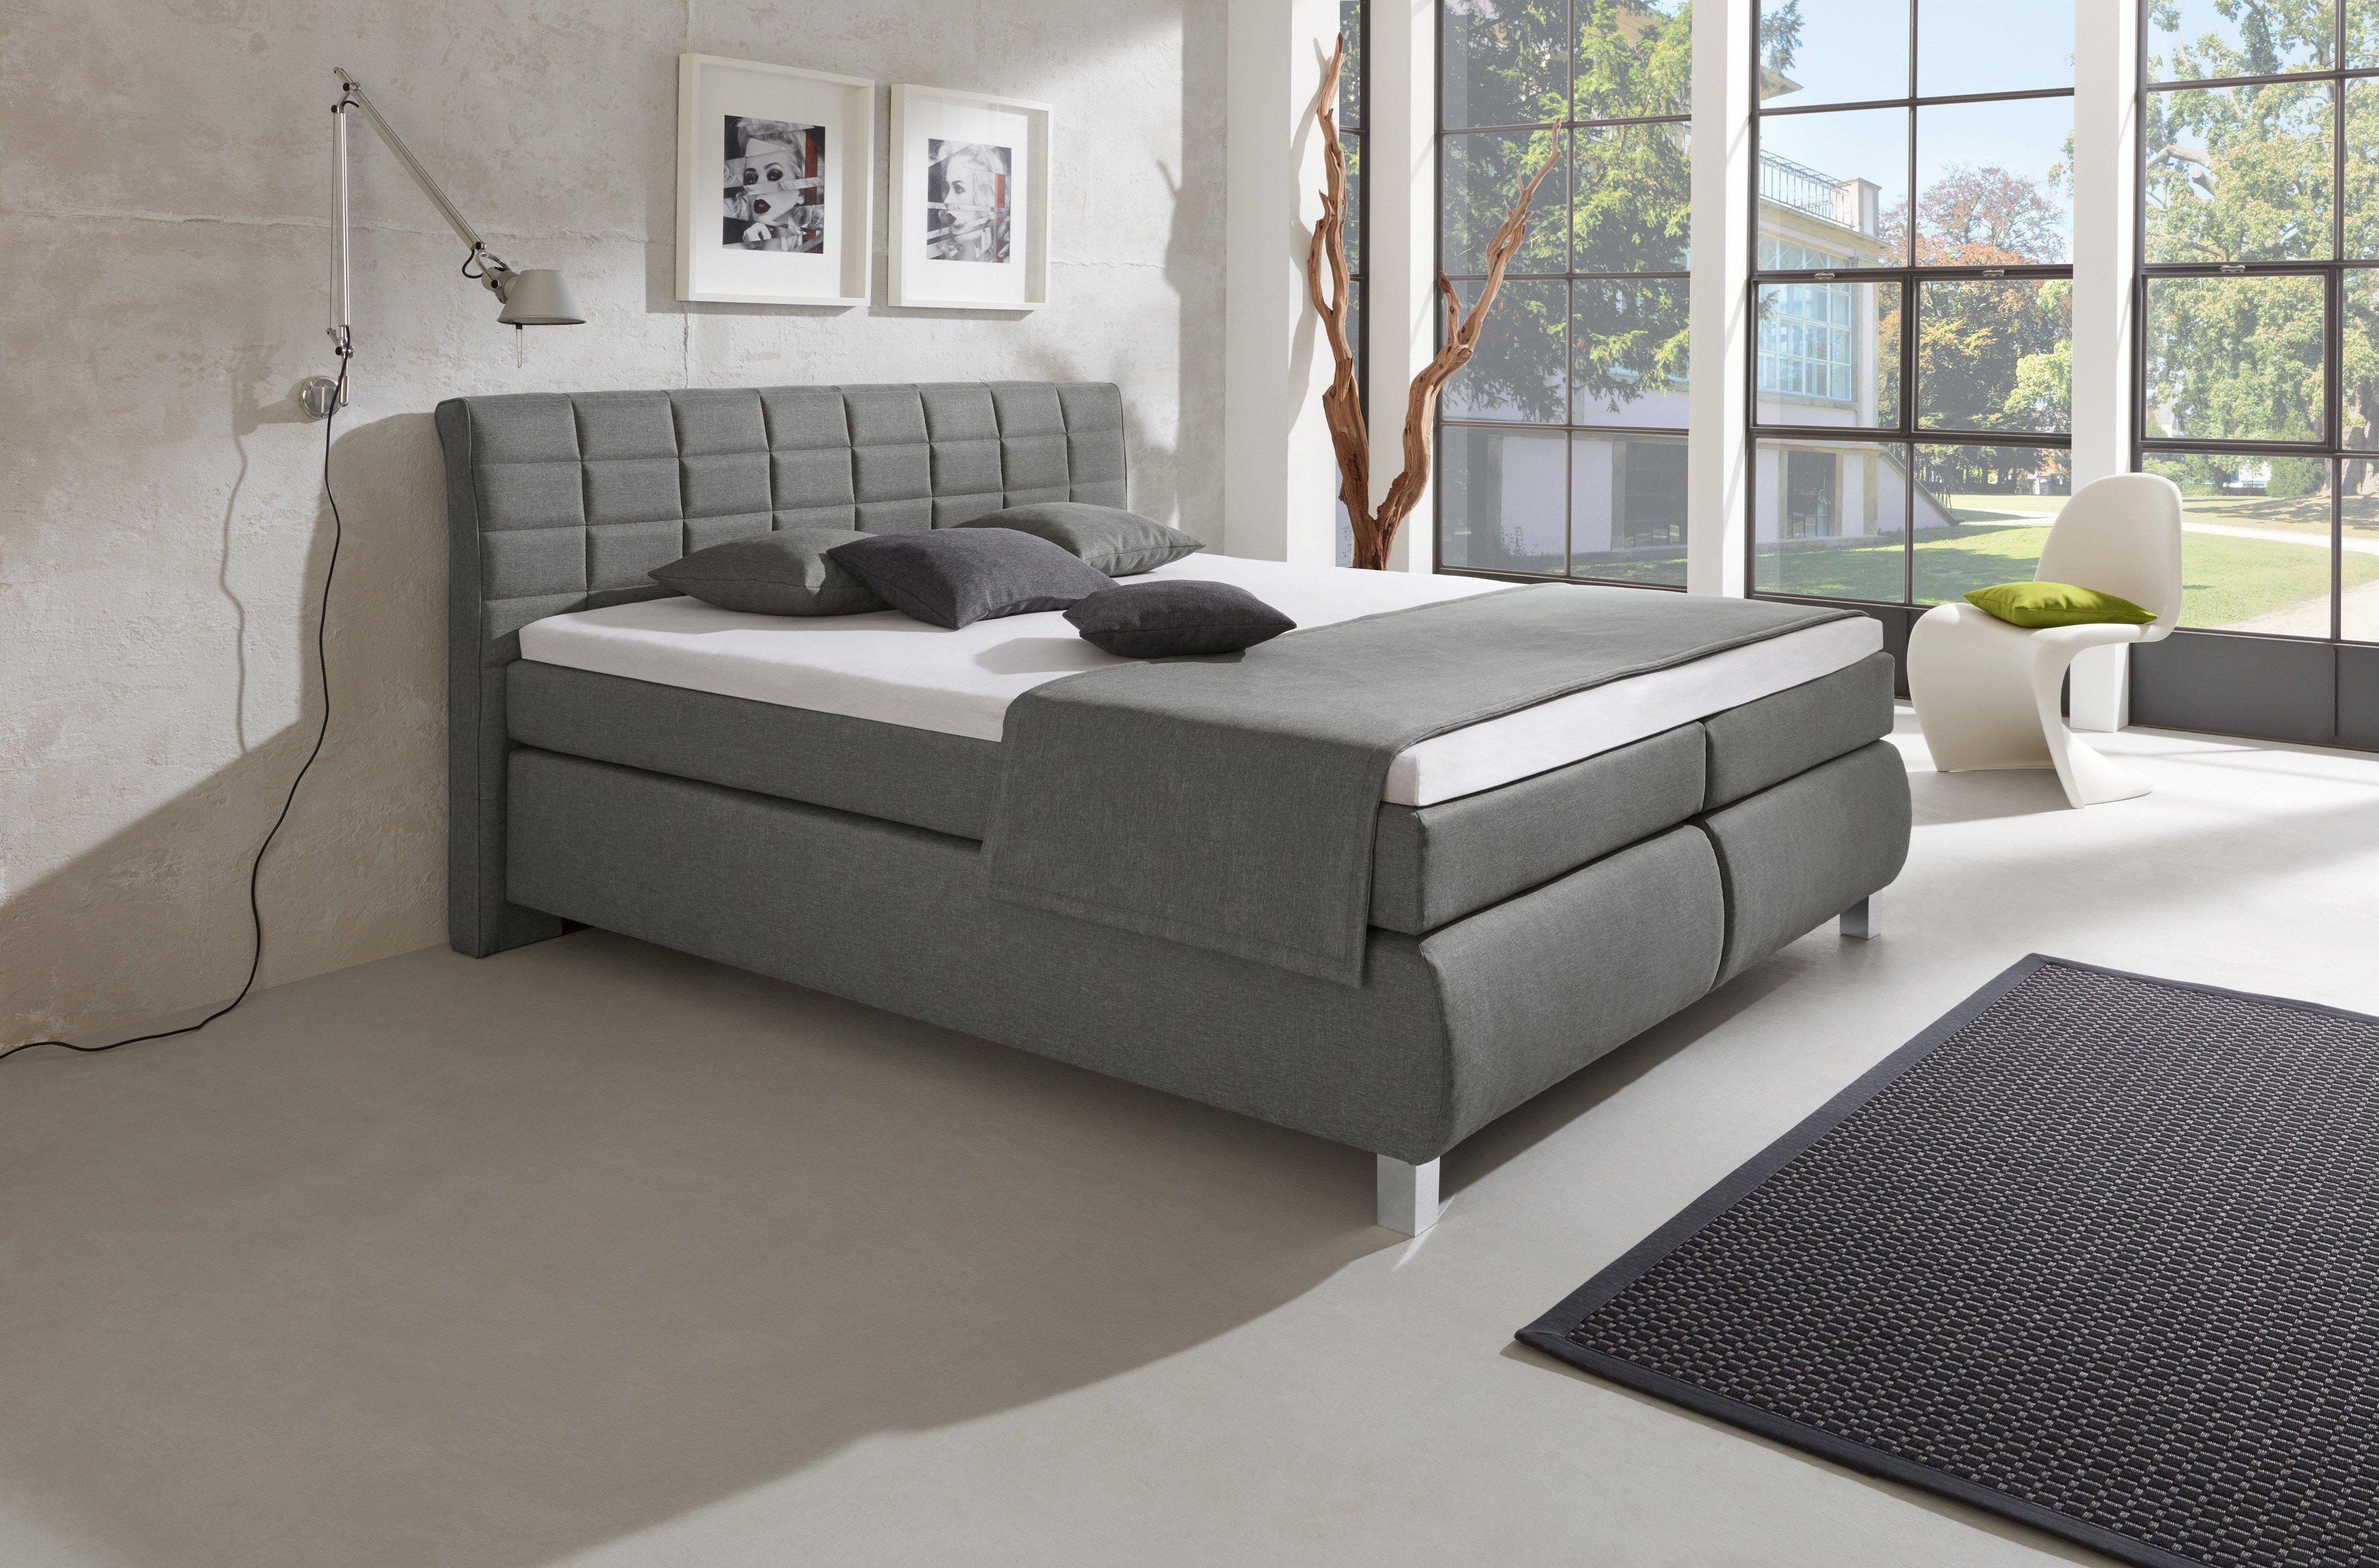 lovely einfache dekoration und mobel ein trend der nicht abreisst boxspringbetten #2: Lexos von HAPO - Boxspringbett KT2 grau